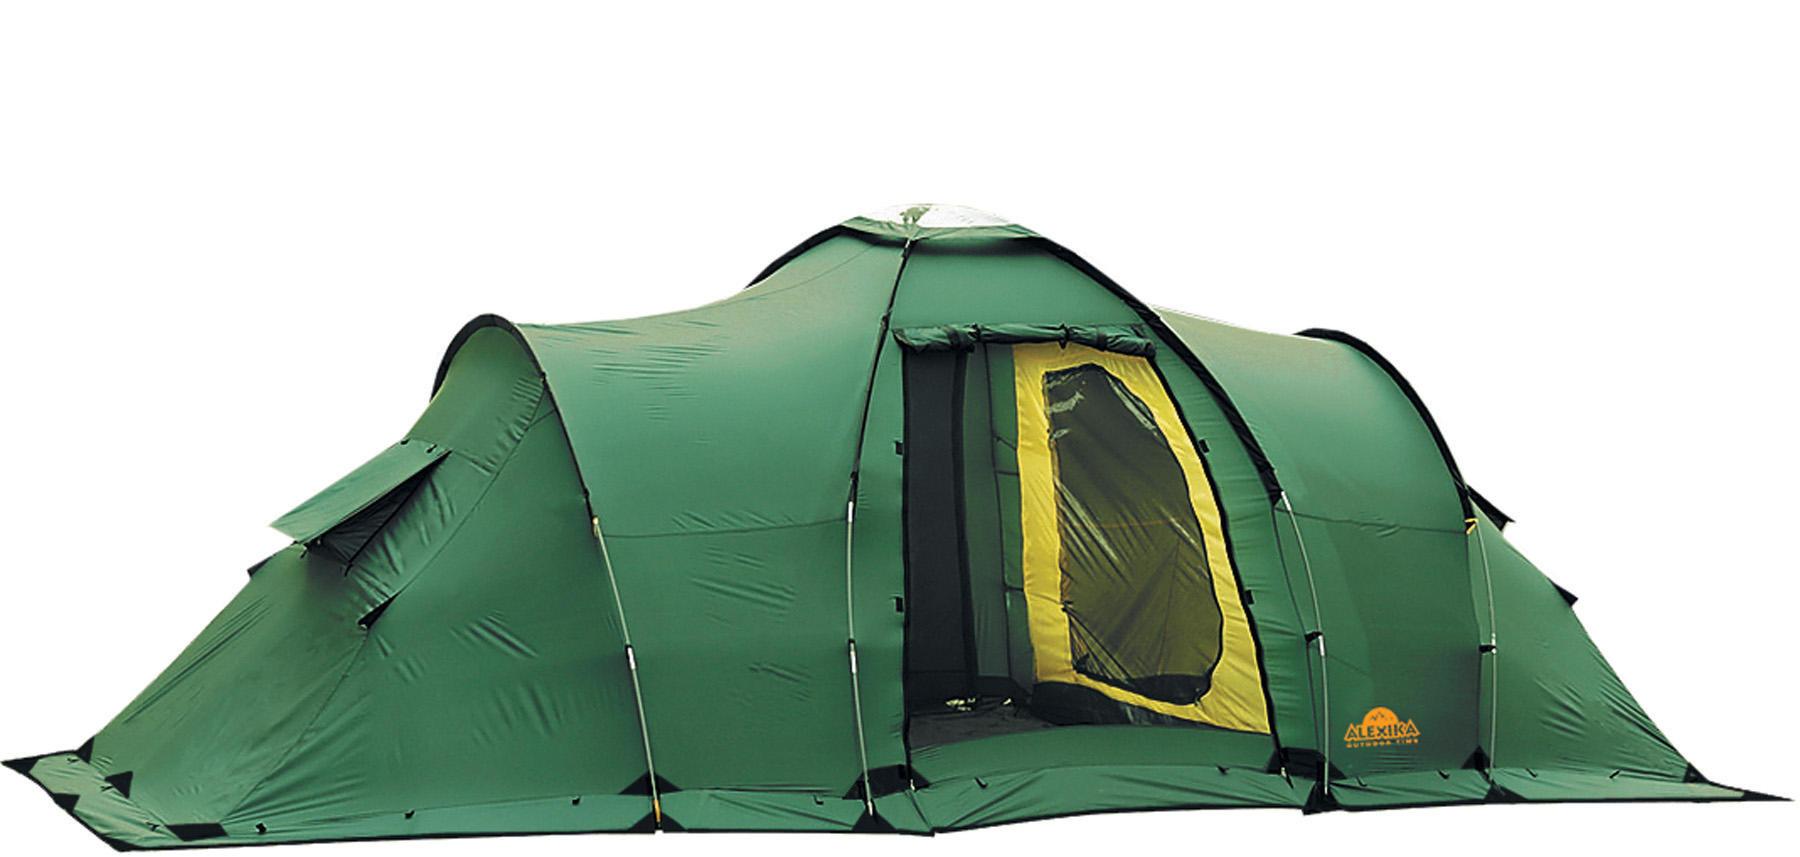 Палатка Alexika MAXIMA 6 LUXE green 9151.6401